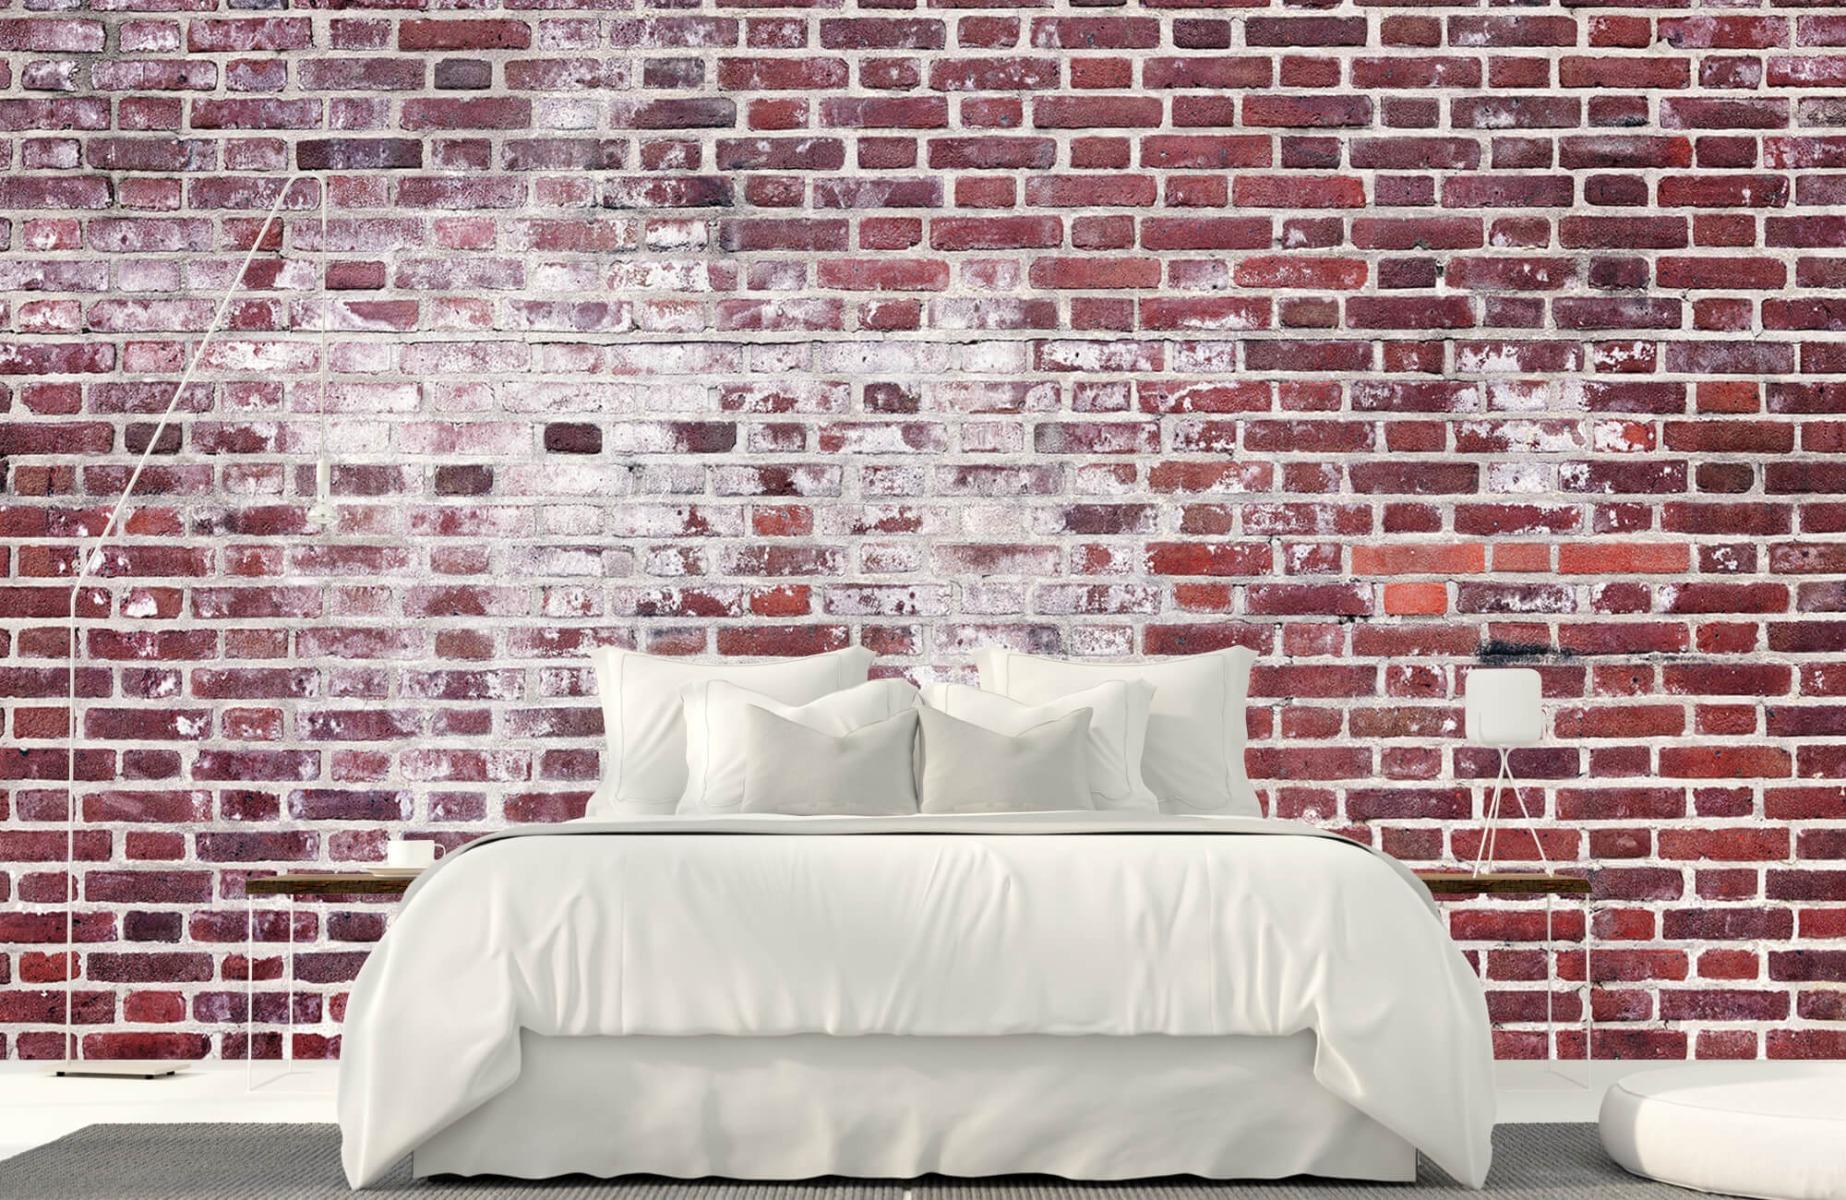 Steen behang - Bakstenen met cement - Wallexclusive - Woonkamer 16